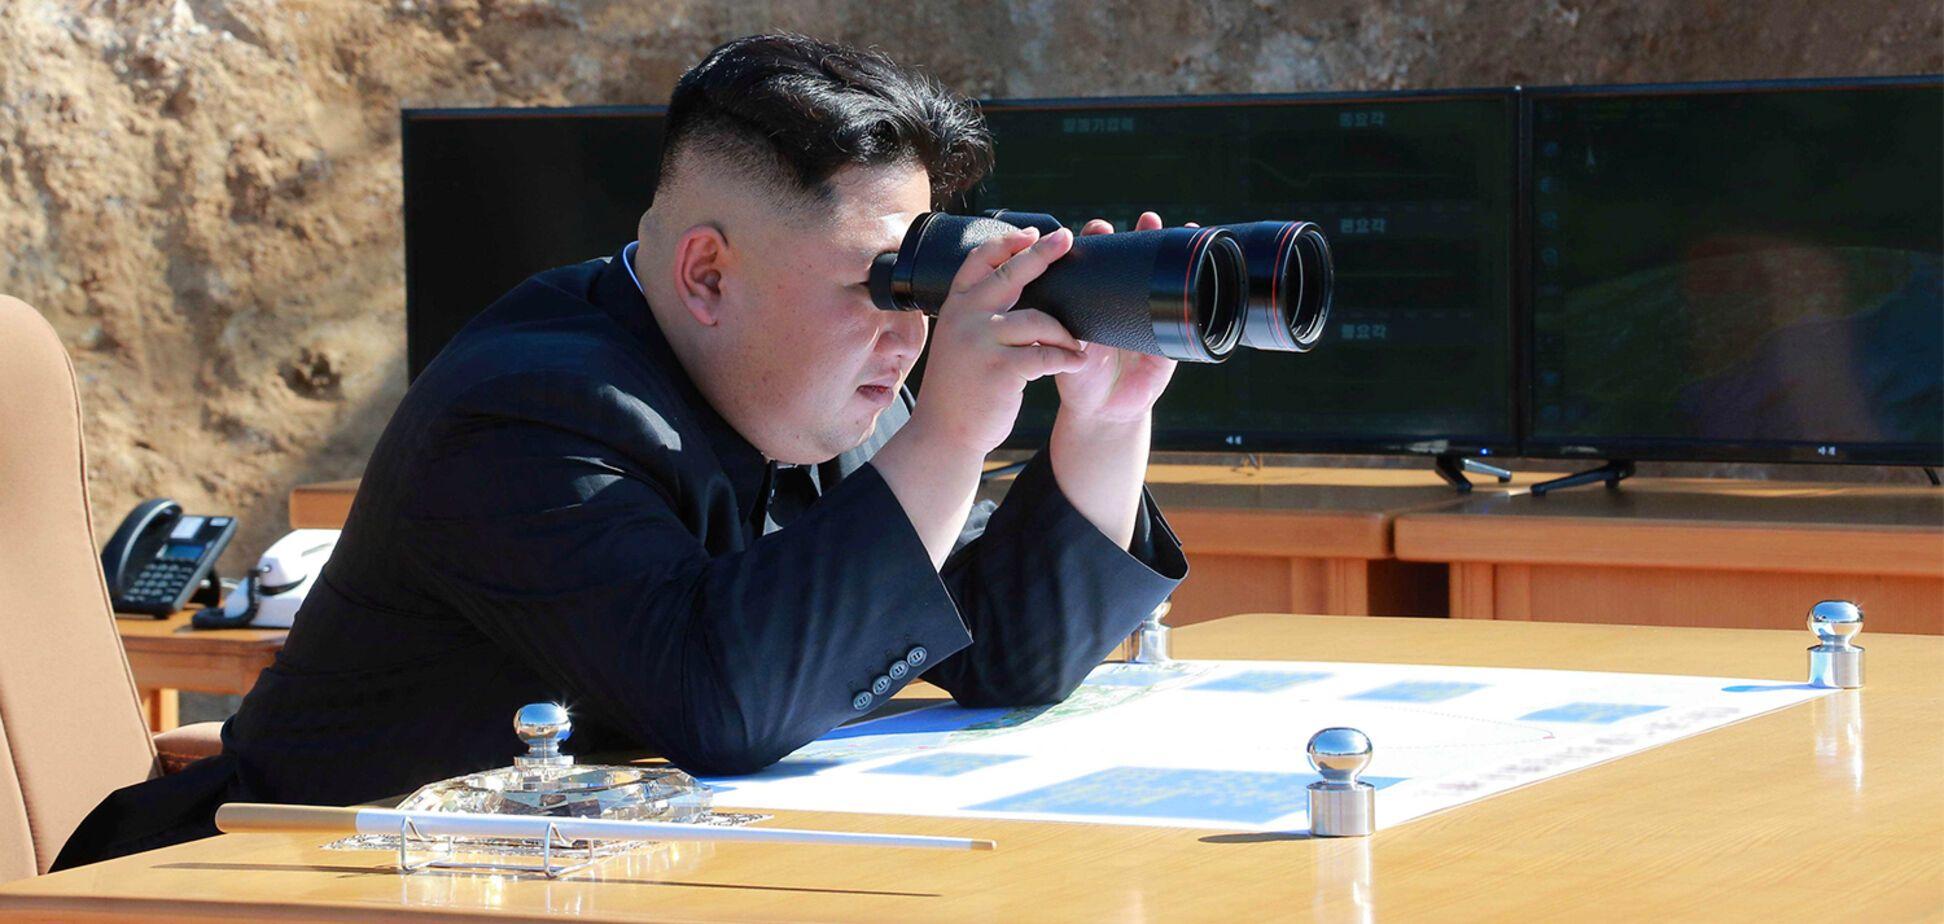 Кремлю не под силу: названа страна, которая способна остановить Ким Чен Ына